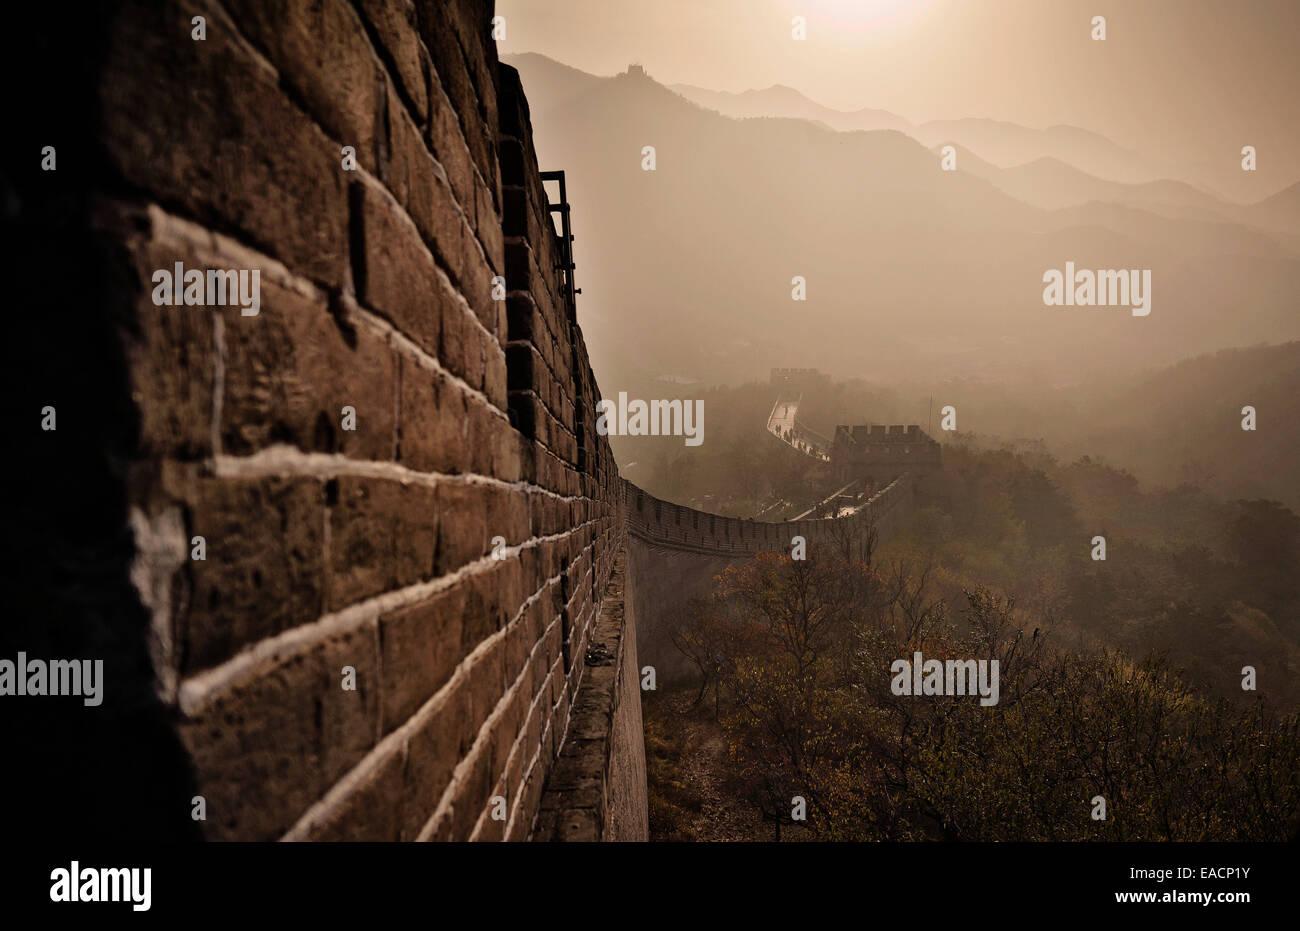 La Grande Muraille de Chine se lève au coucher du soleil au-dessus du paysage environnant couvert par le smog Photo Stock